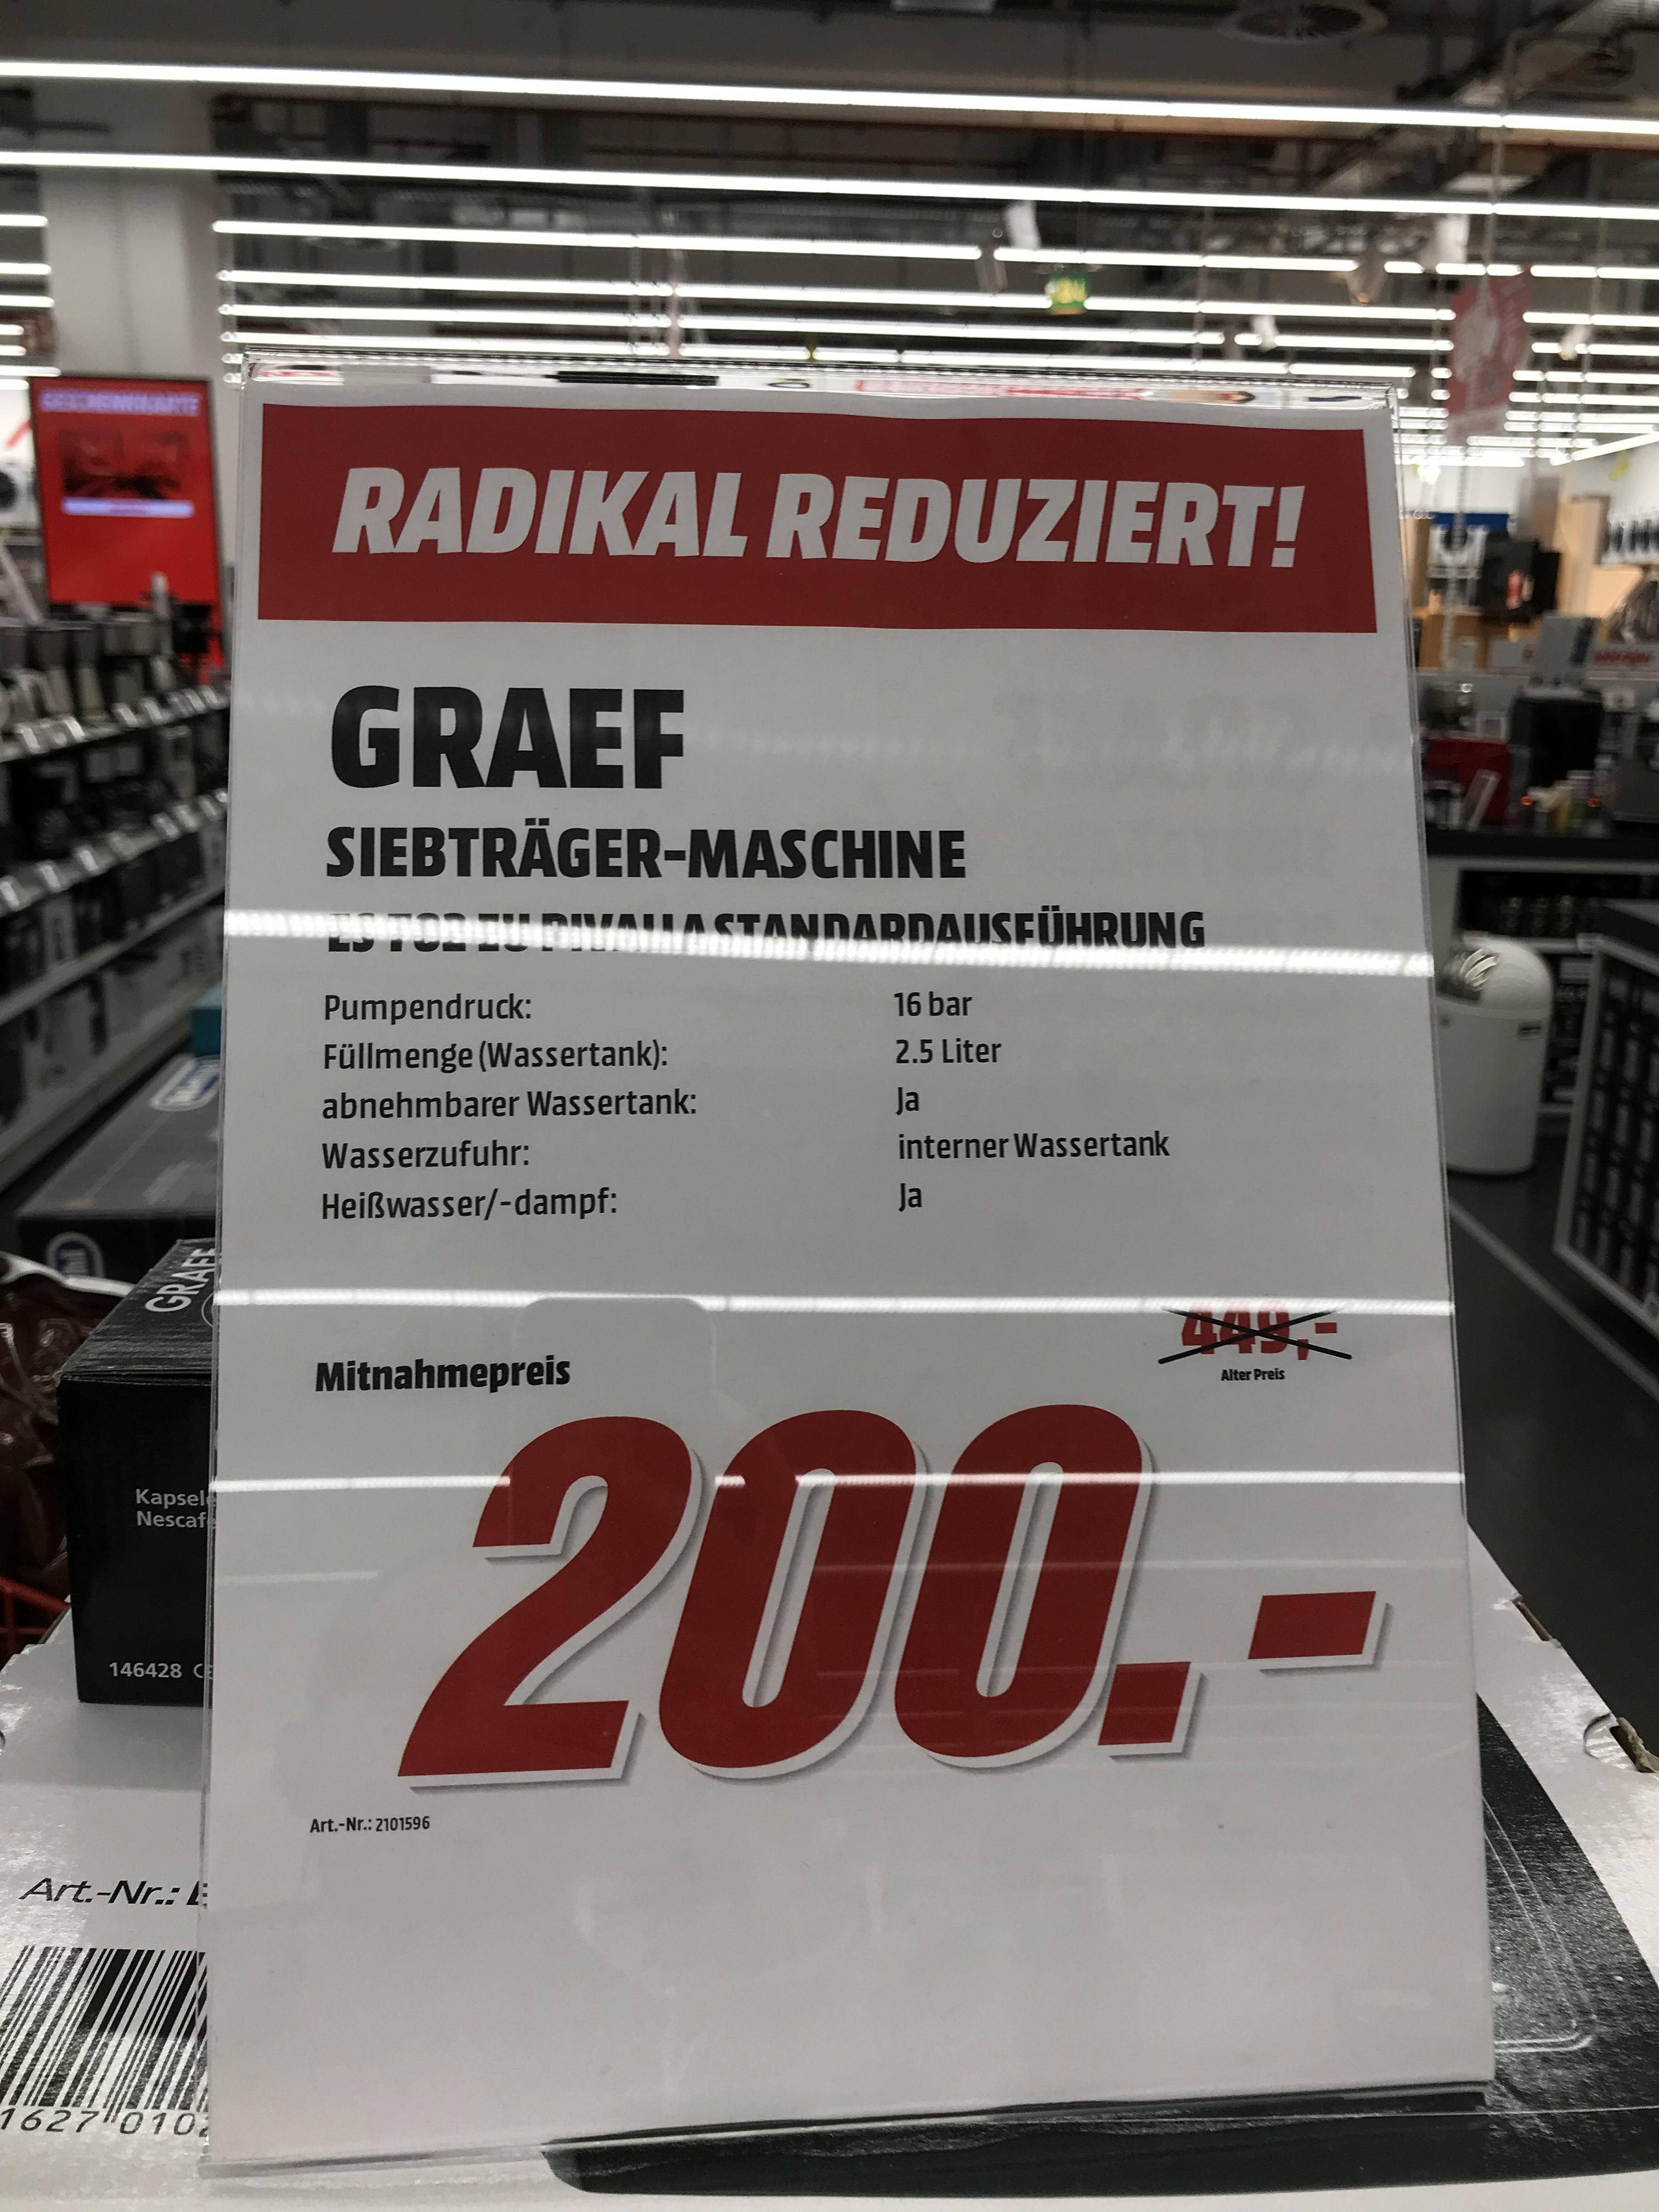 [Berlin] Siebträger Espressomaschine Graef ES 702 Pivalla